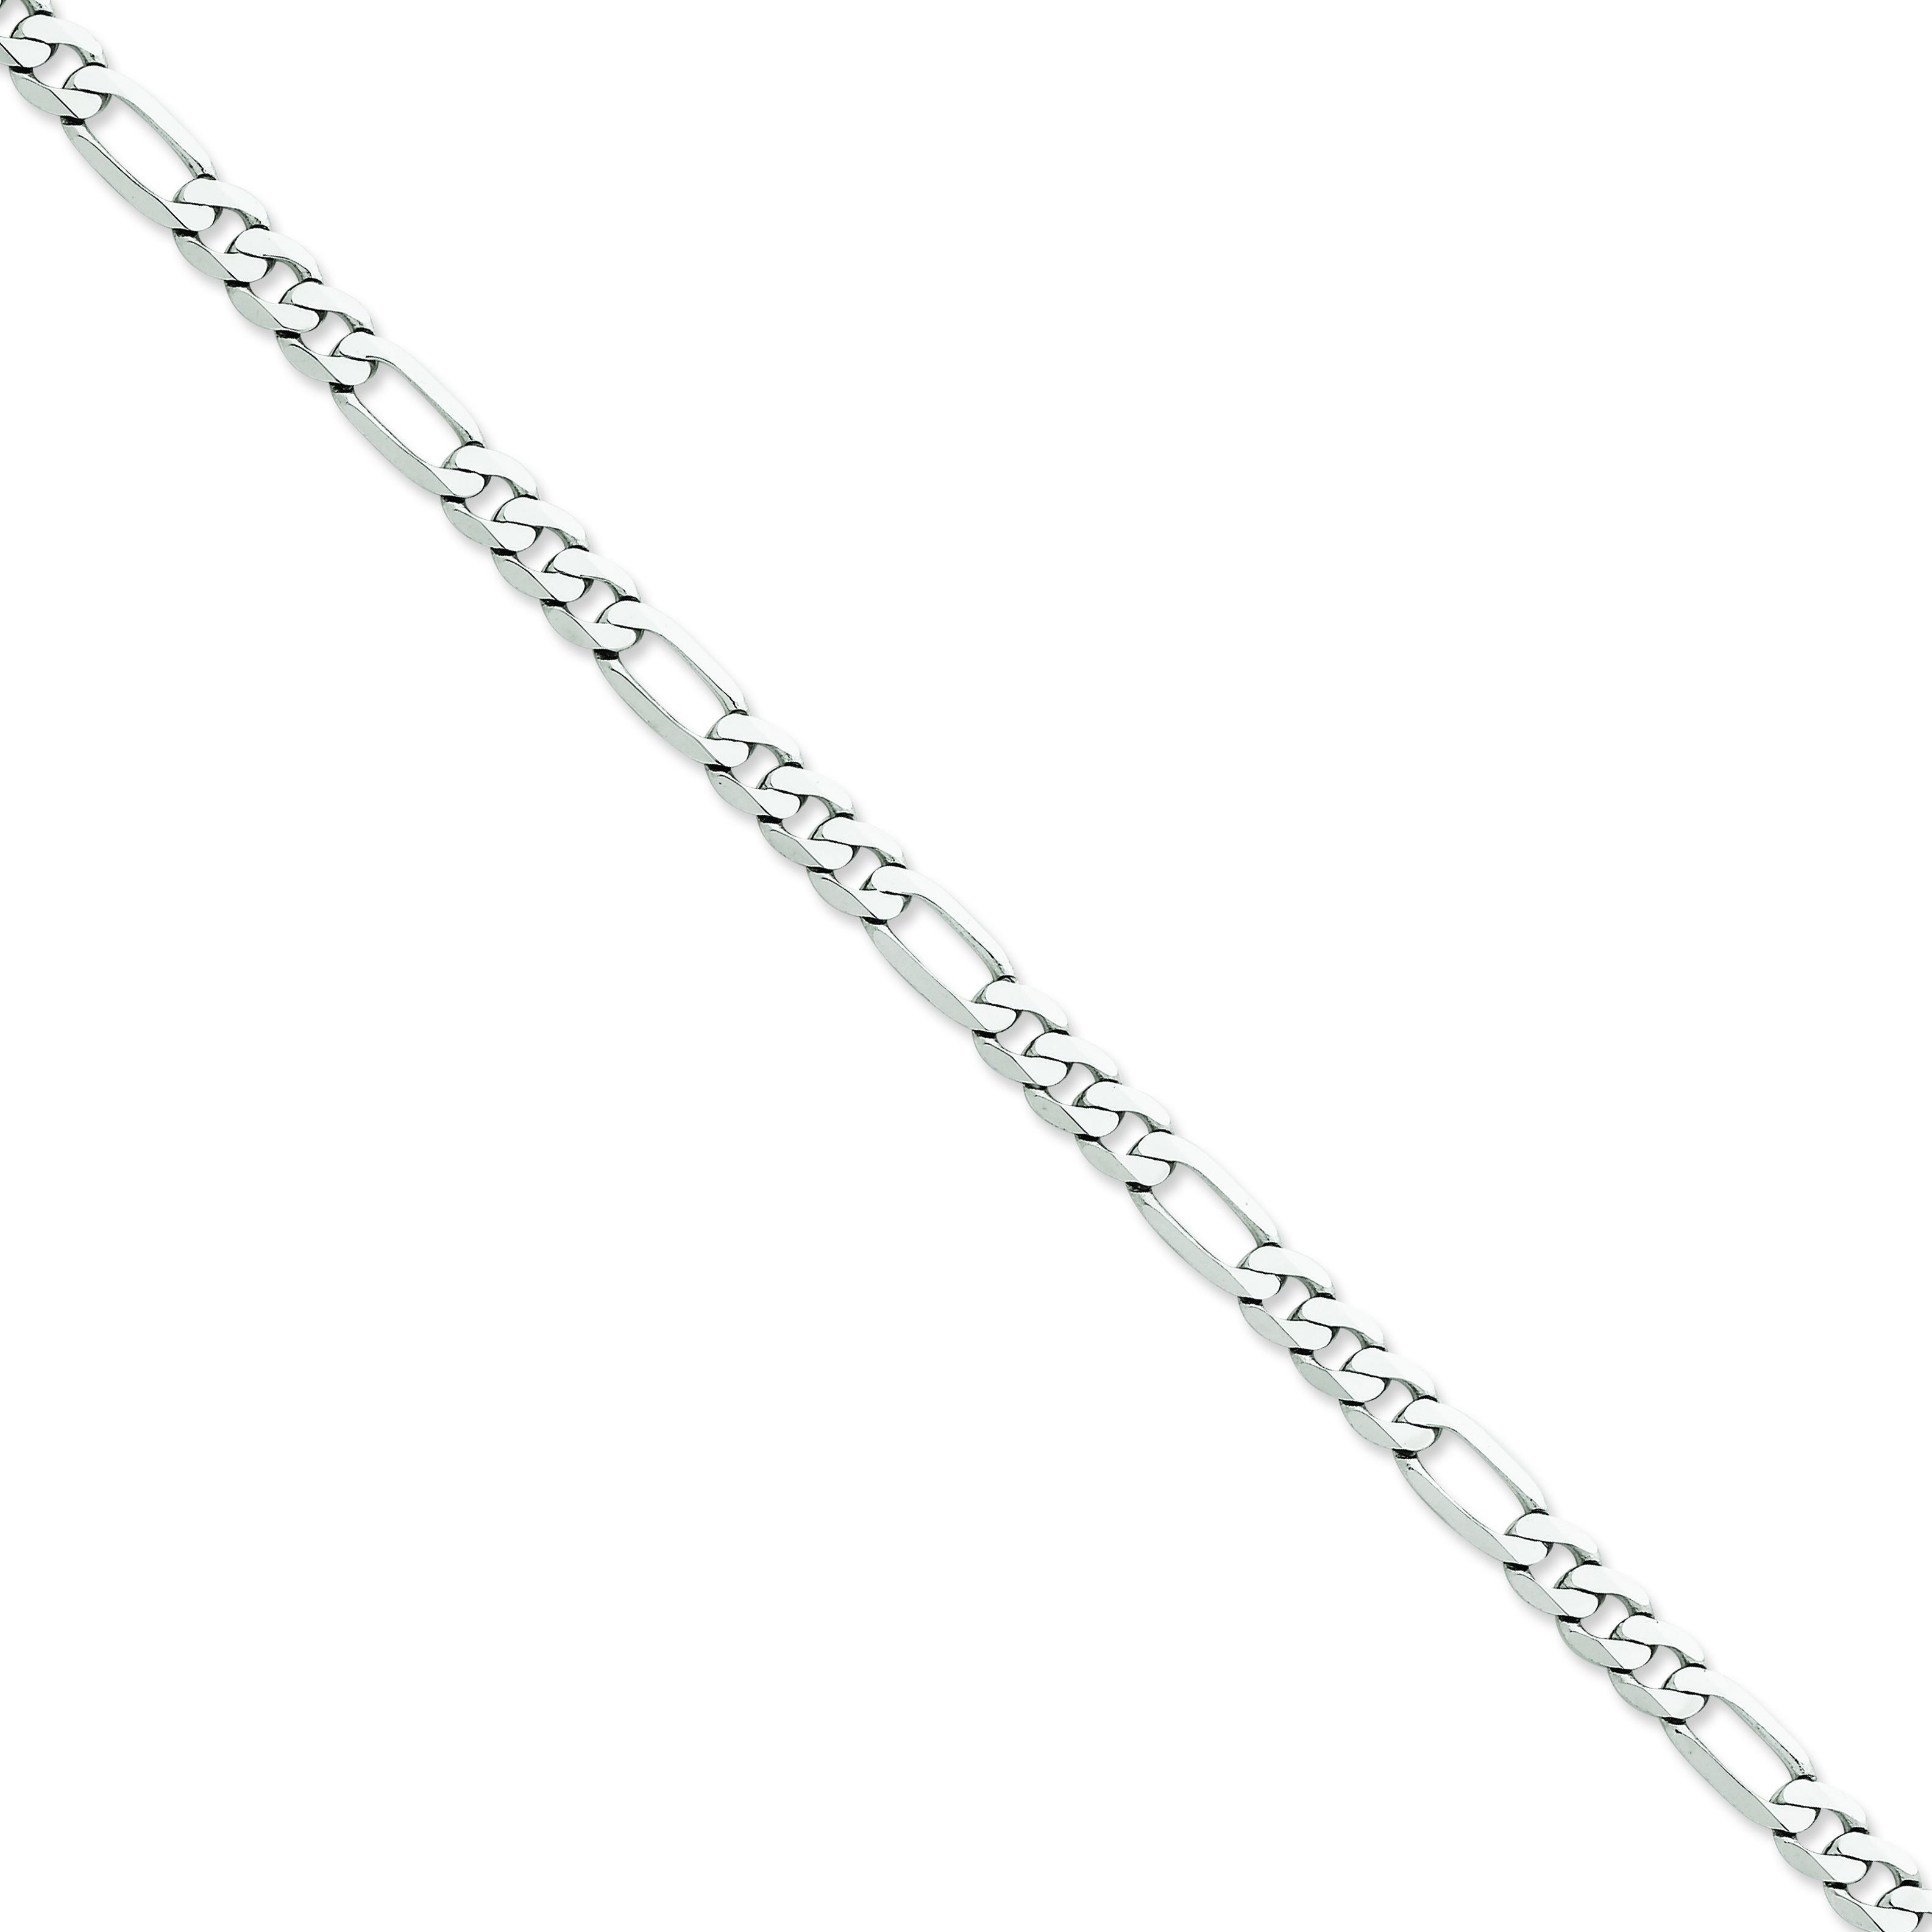 14k White Gold 7 inch 6.00 mm  Figaro Chain Bracelet